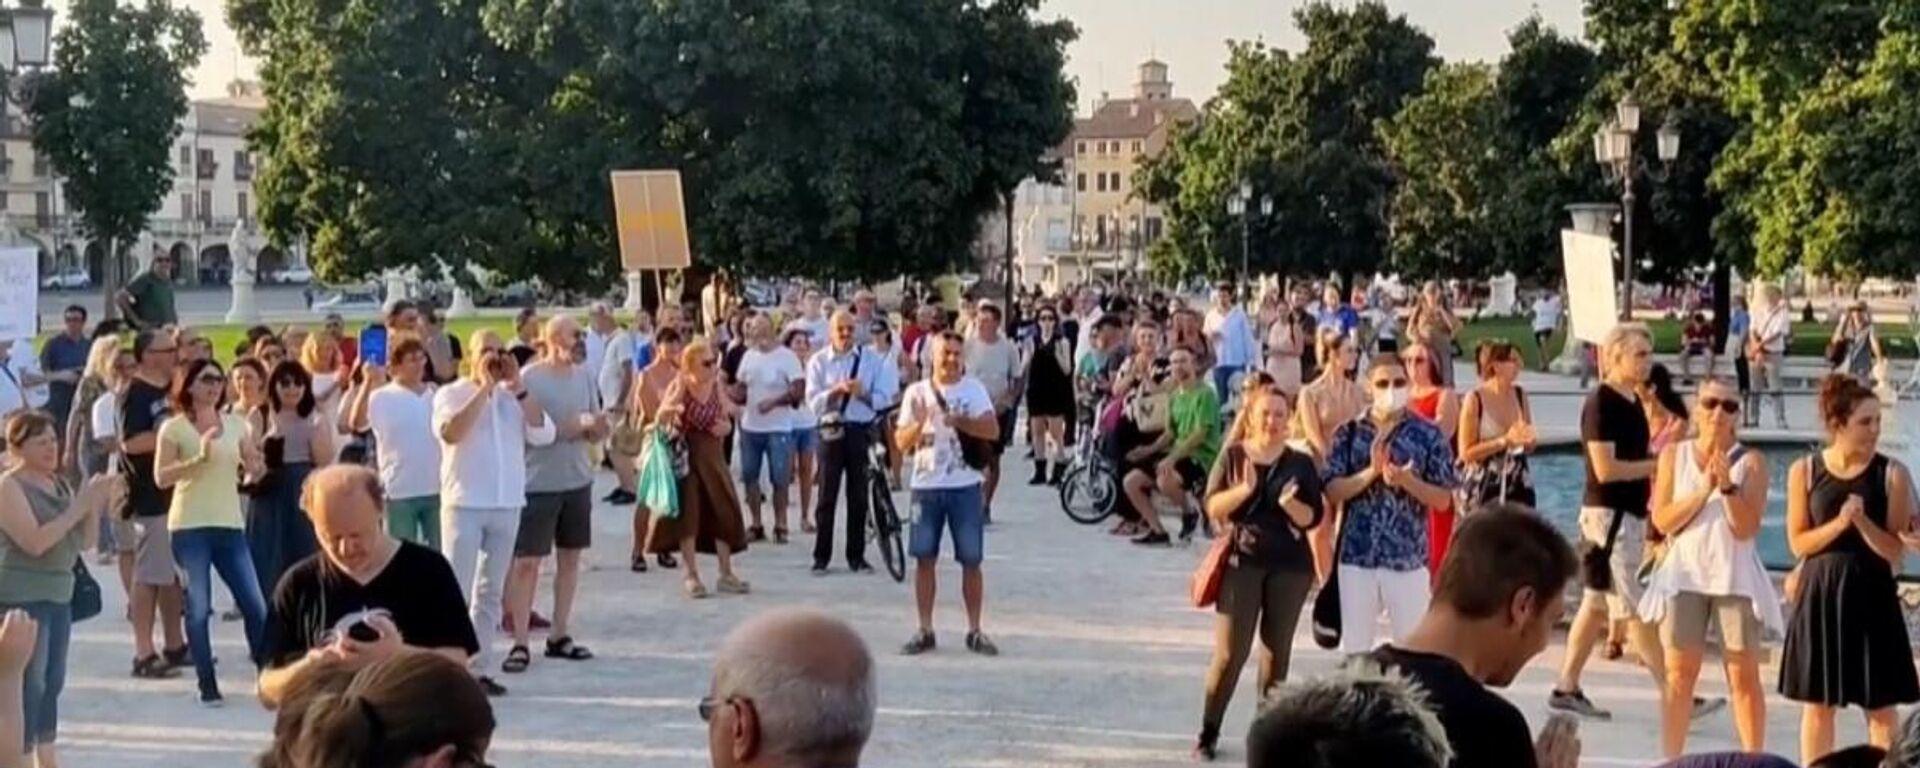 Proteste contro il green pass: corteo nel centro di Padova - Sputnik Italia, 1920, 15.08.2021